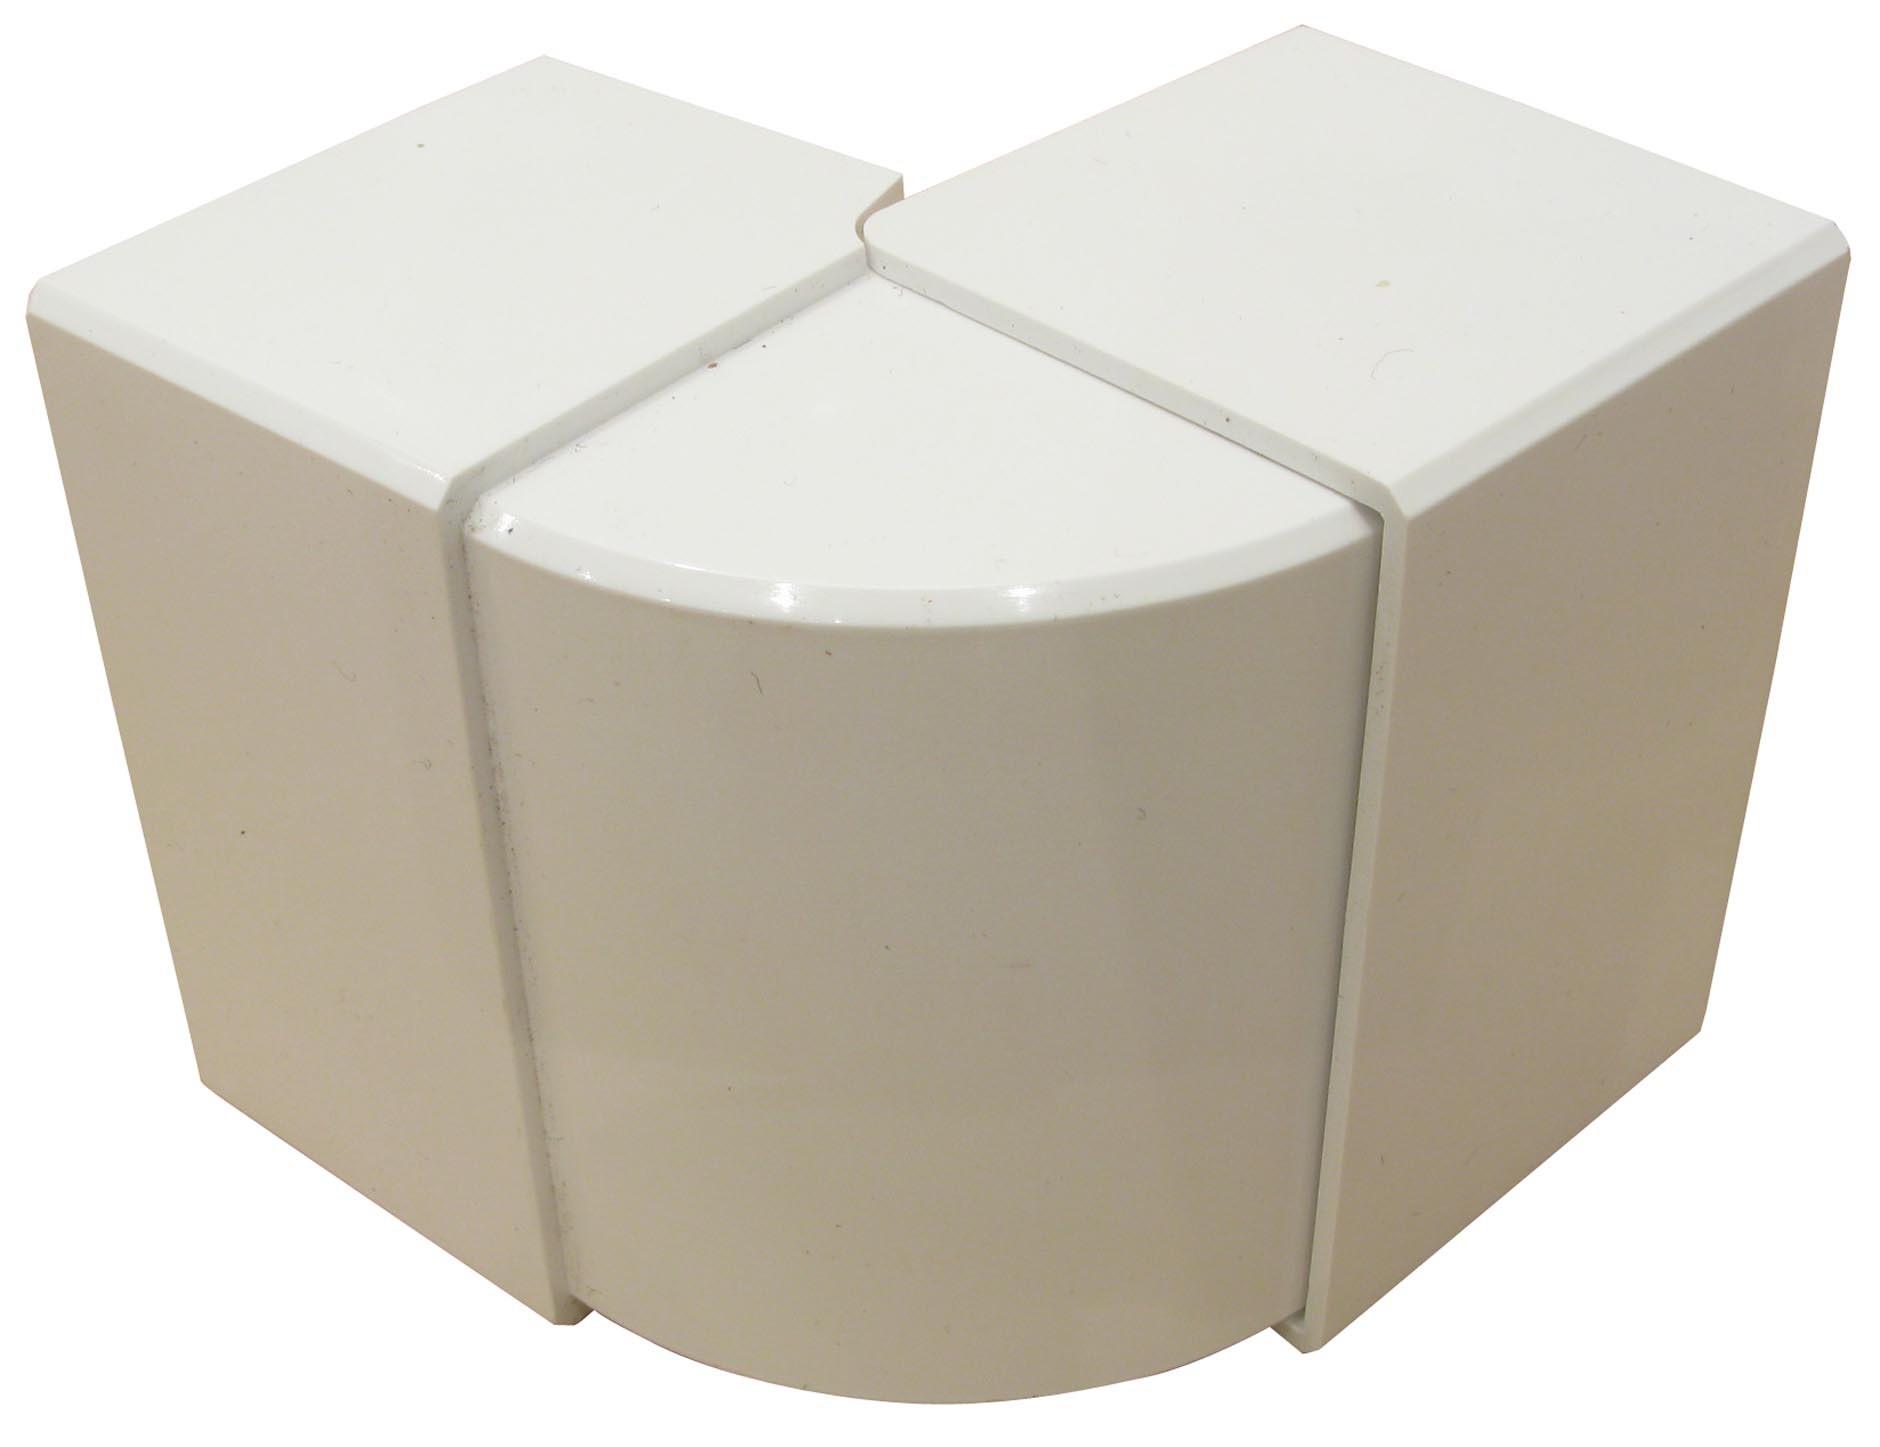 Угол внешний изменяемый, 60x40мм, Efapel 13036 ABR